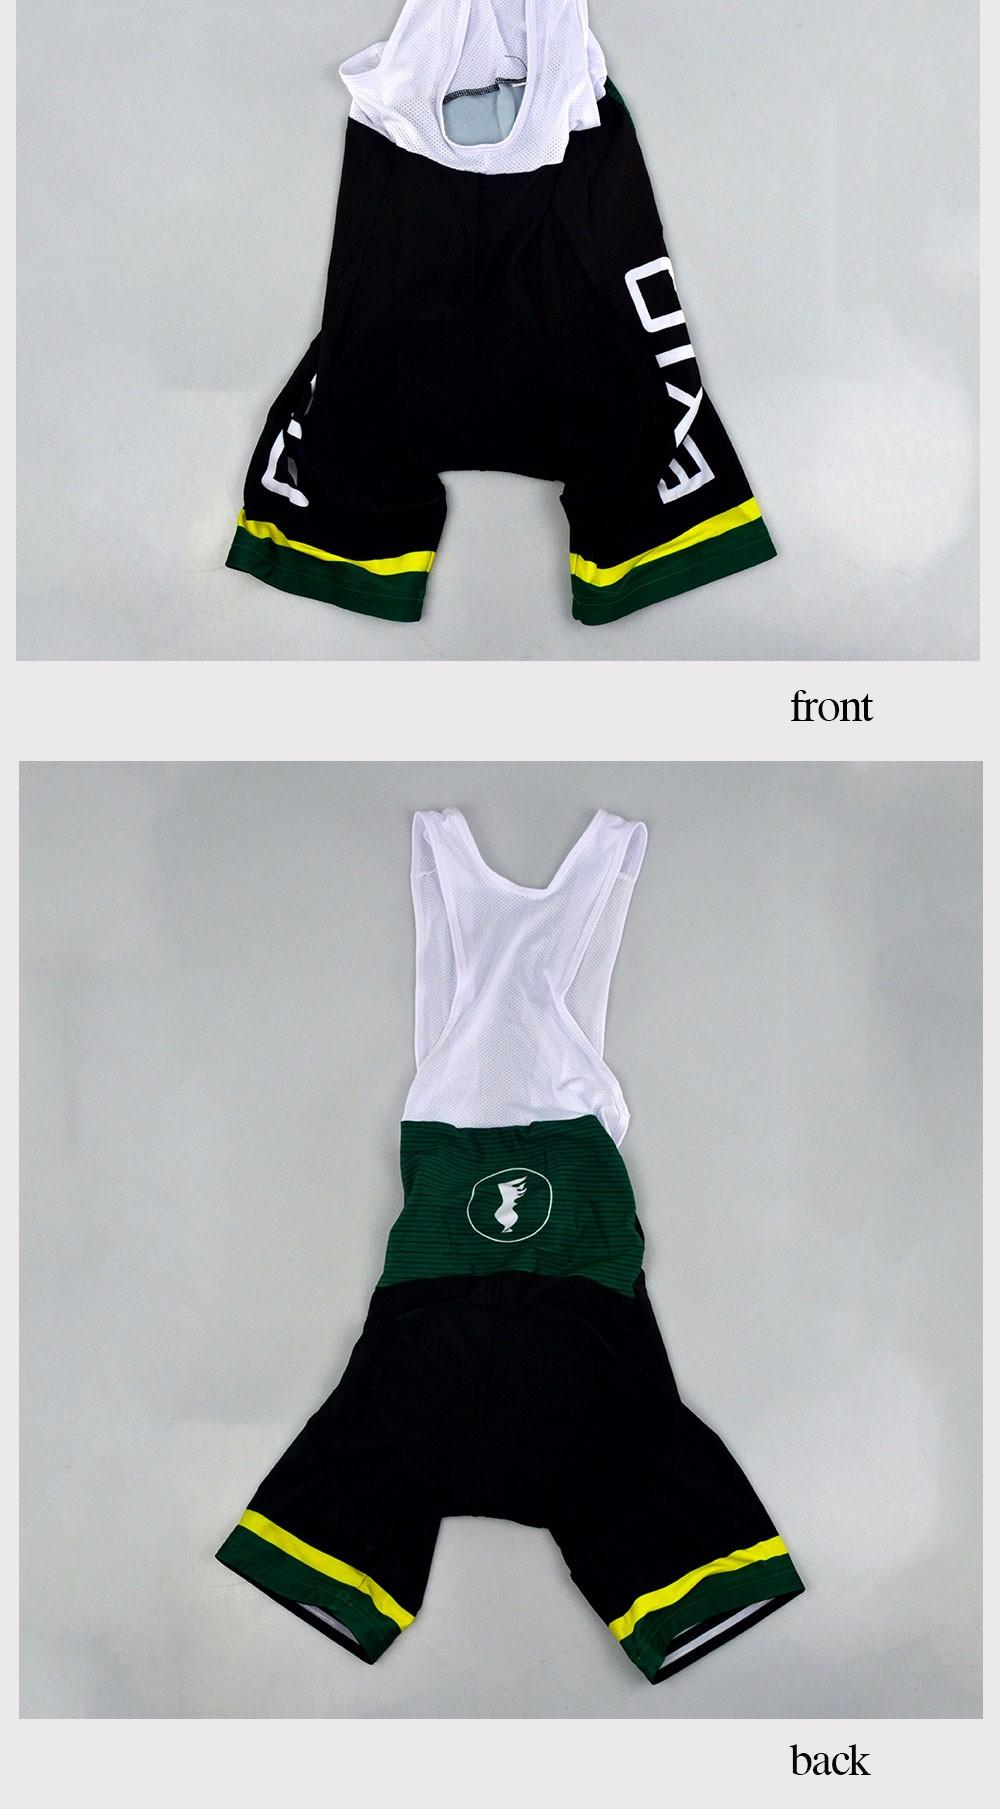 cff74eef87f ᓂBxio sportwears al aire libre Sets de ciclismo secado rápido ciclo ...